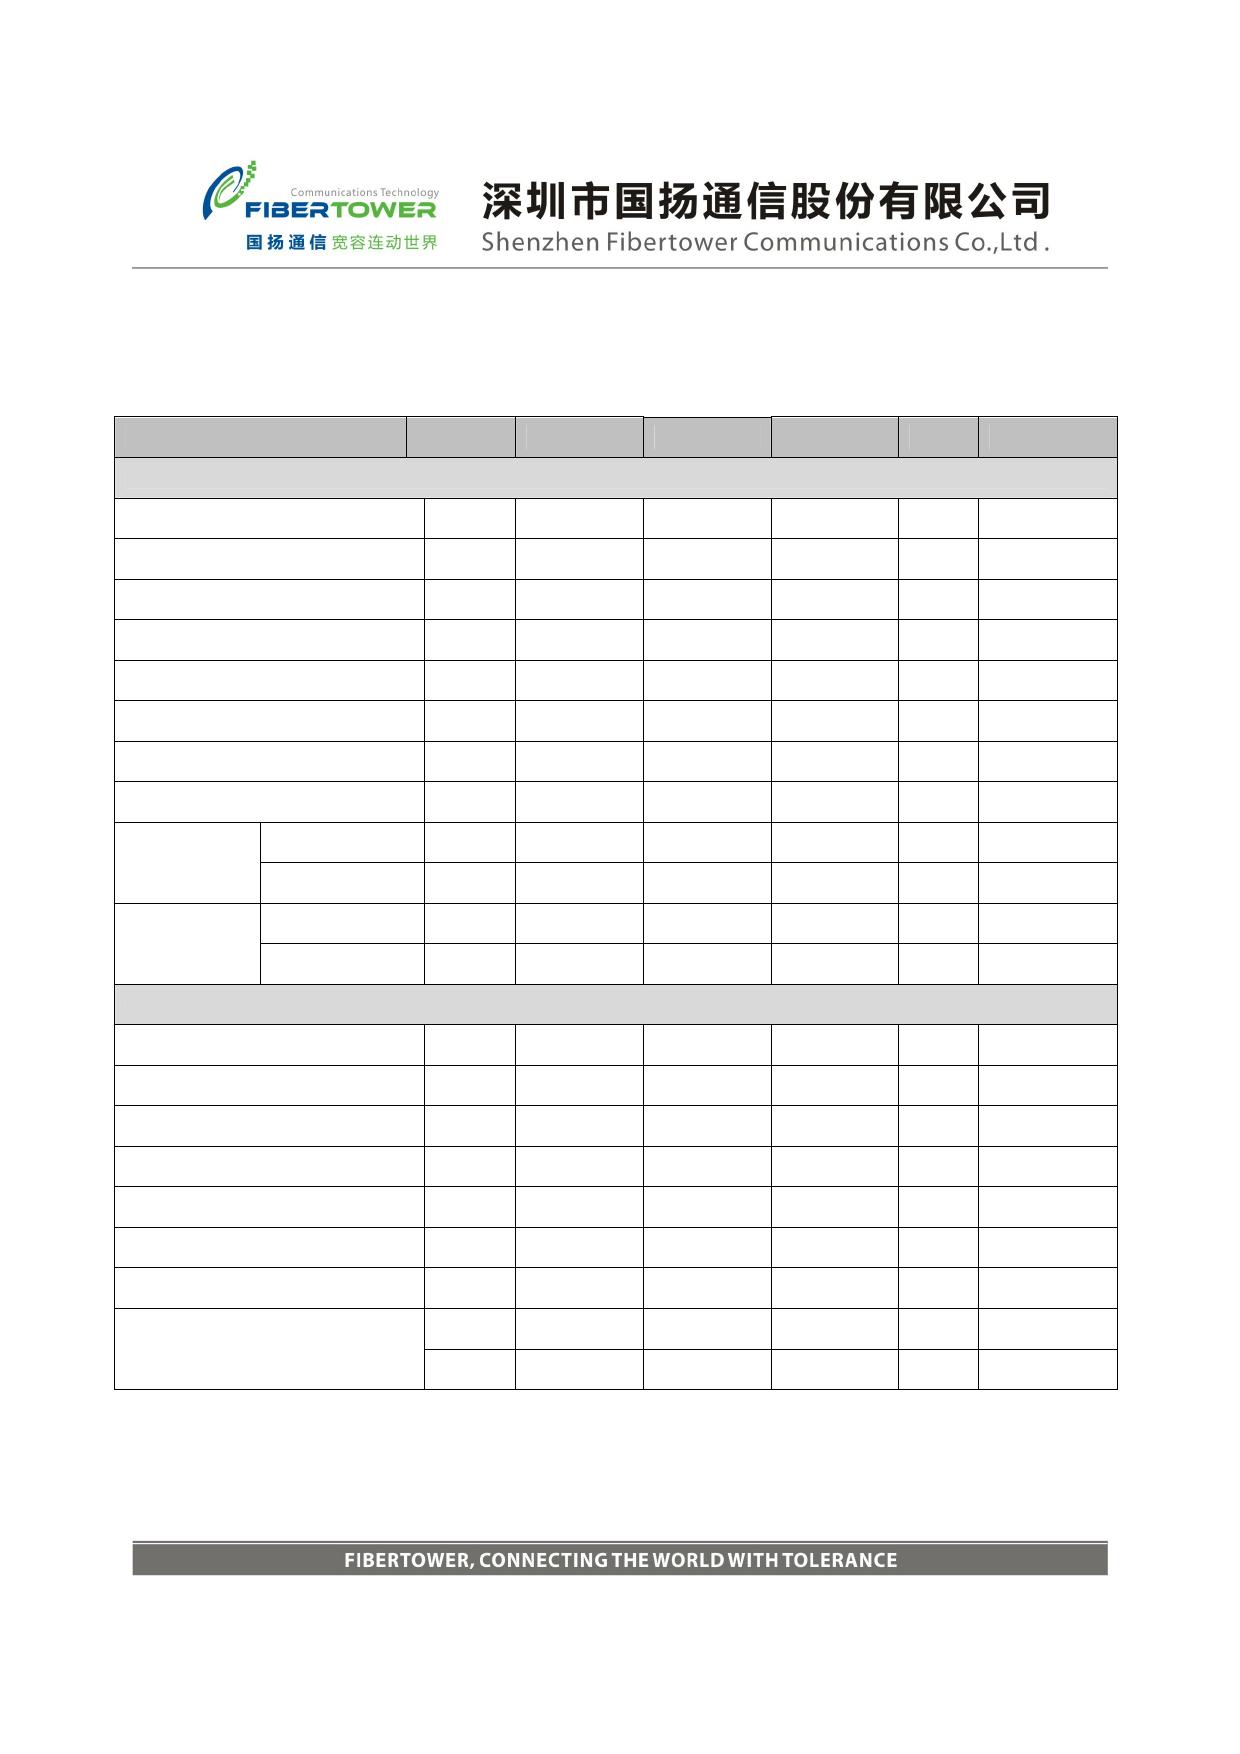 FSP3148-L2NT pdf, 電子部品, 半導体, ピン配列